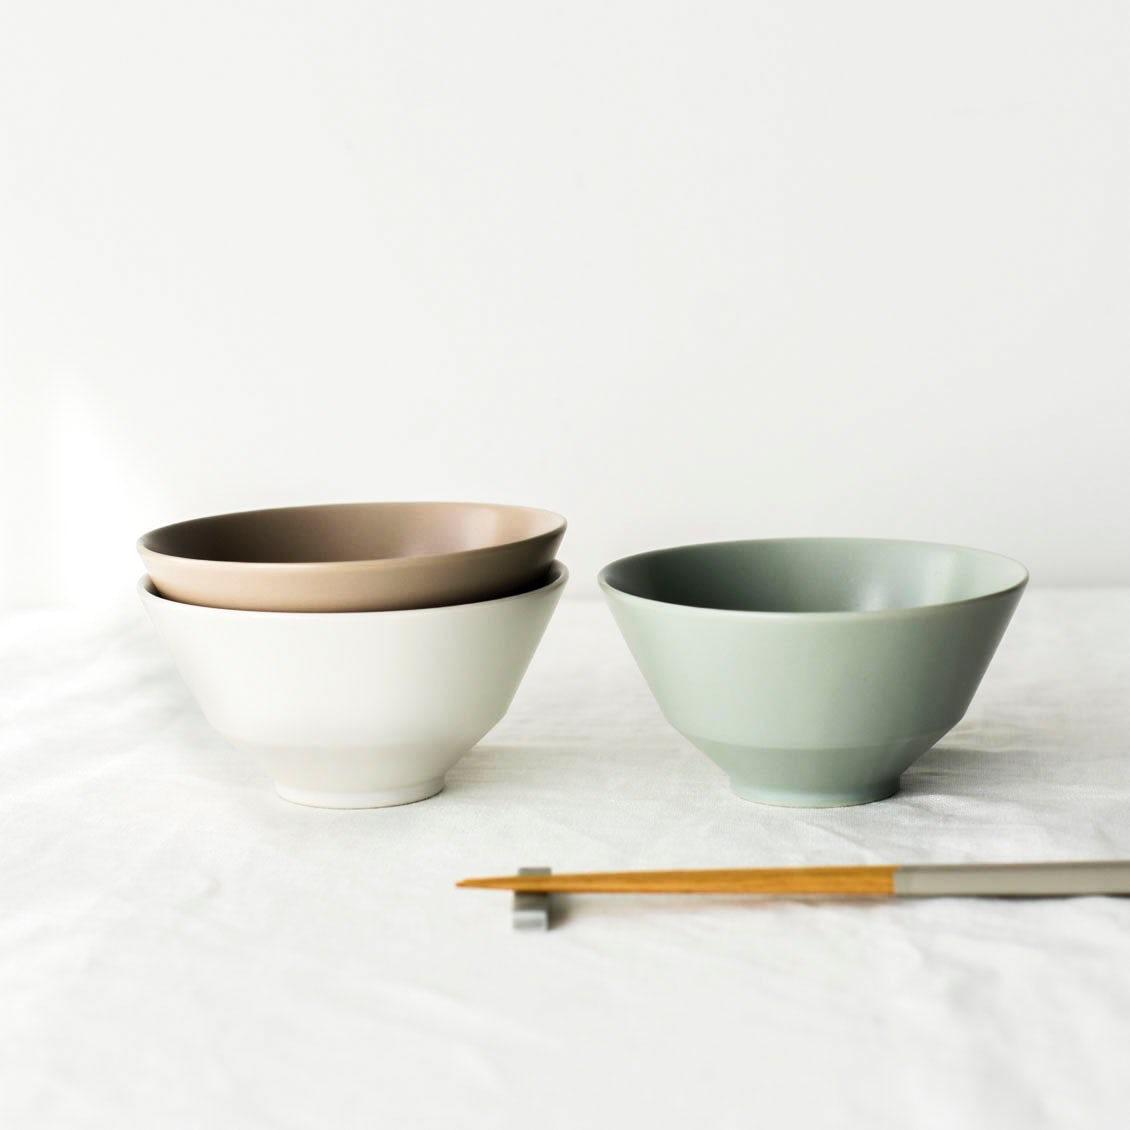 【新商品】当店オリジナル食器に新作登場! 平日夜の食卓をやさしく彩る「ごはん茶碗」をつくりました